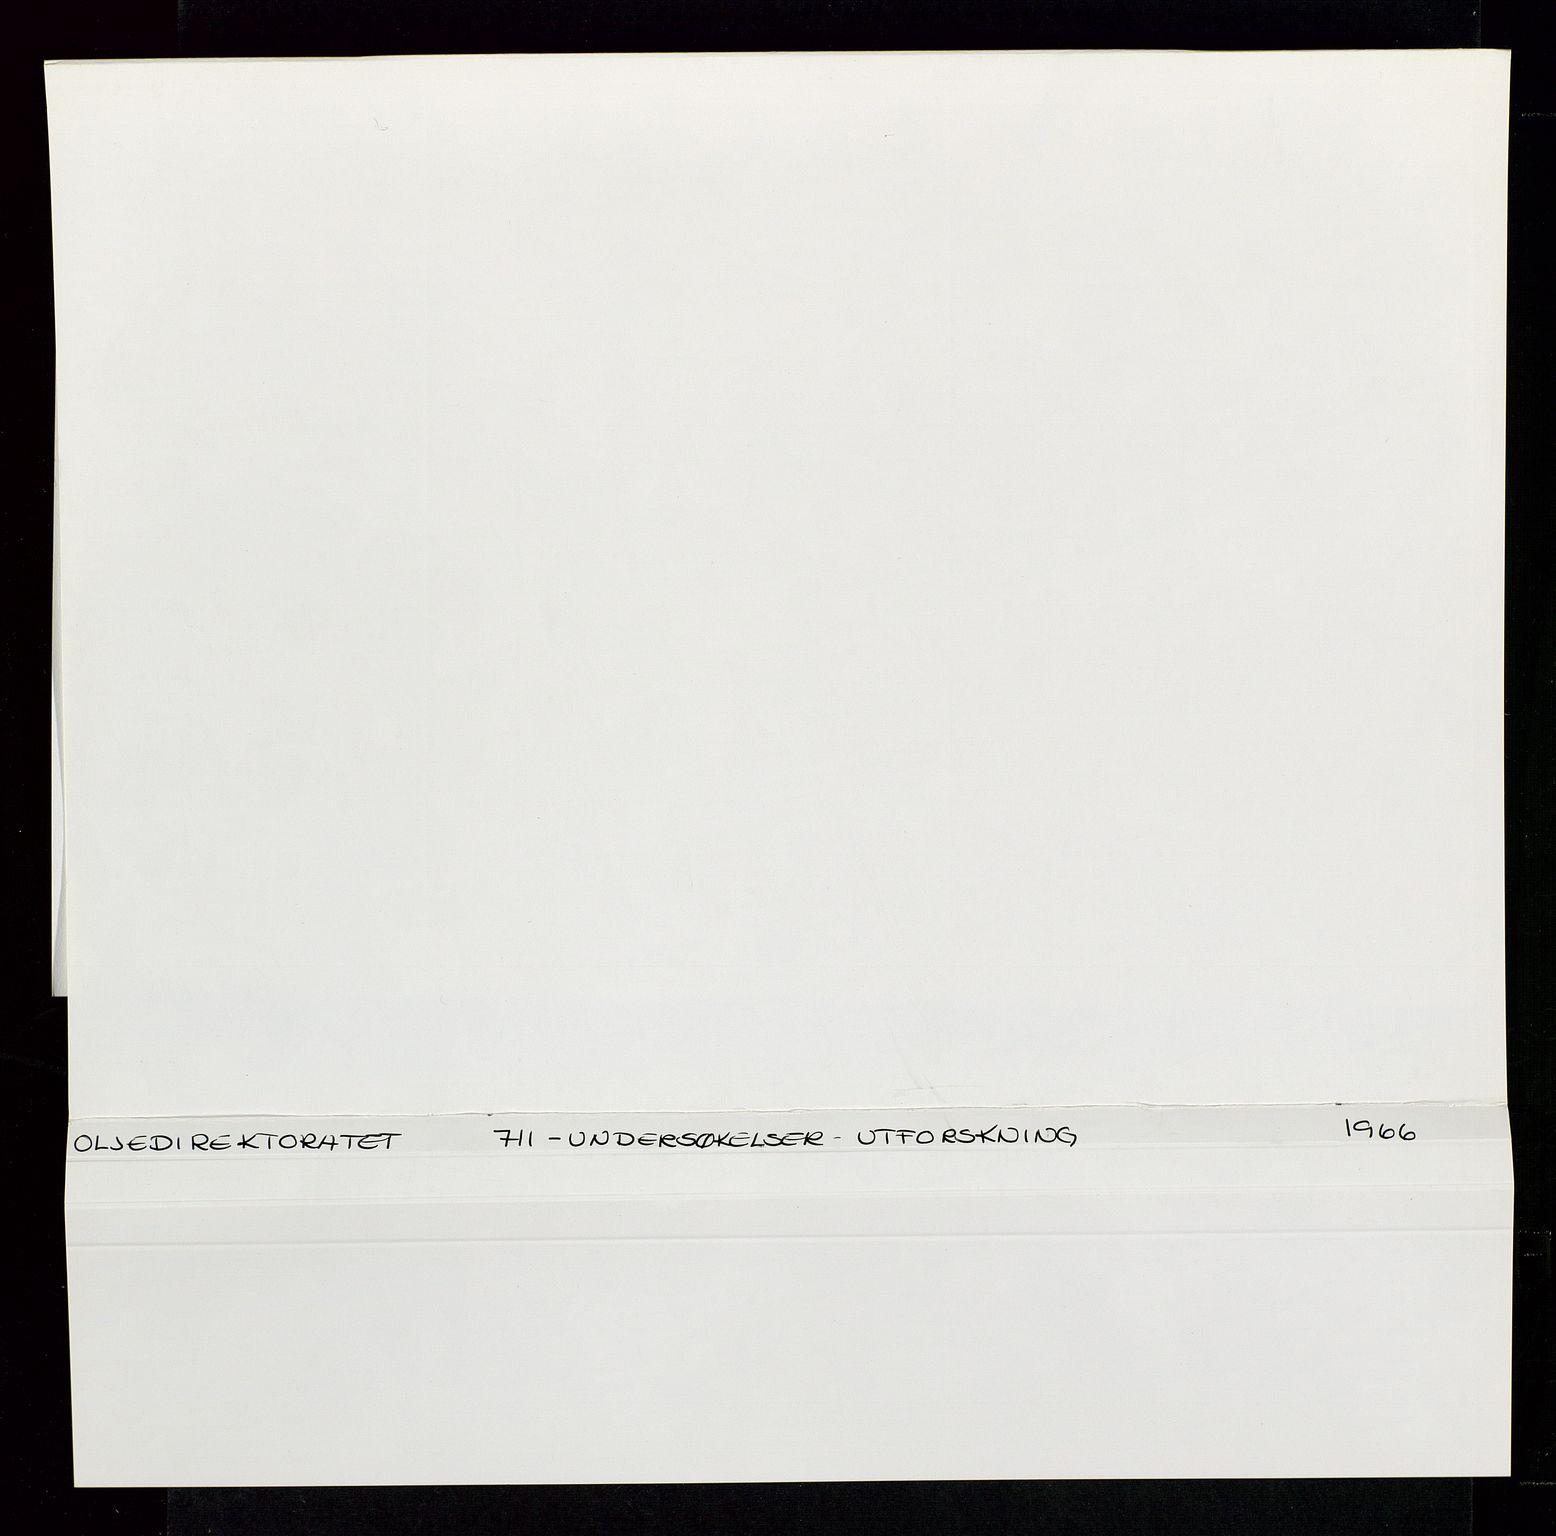 SAST, Industridepartementet, Oljekontoret, Da/L0003: Arkivnøkkel 711 Undersøkelser og utforskning, 1963-1971, s. 390